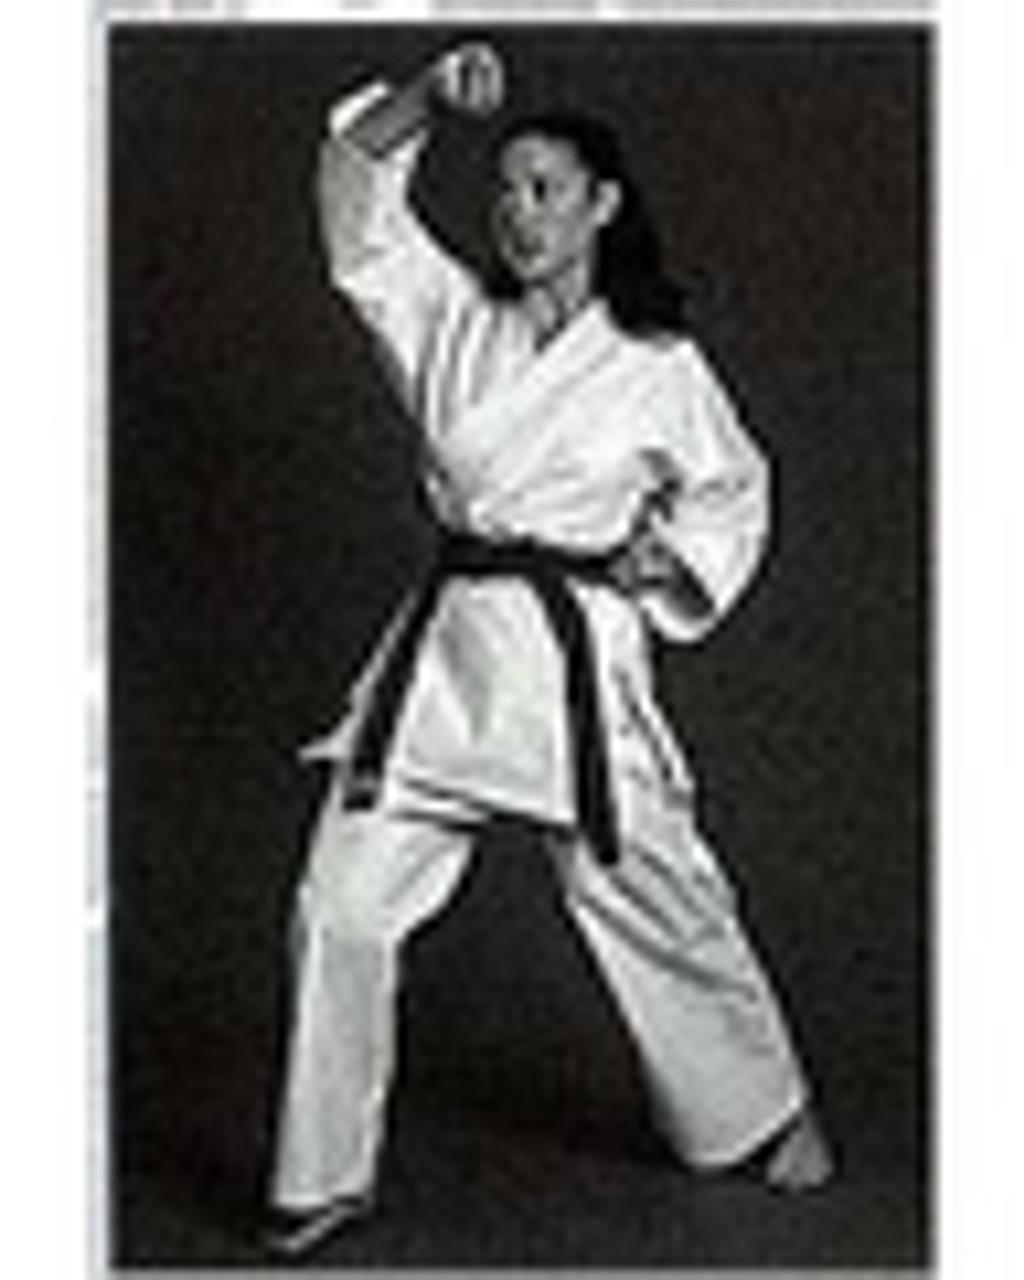 Tokaido Gi / Tokaido Karate Uniforms